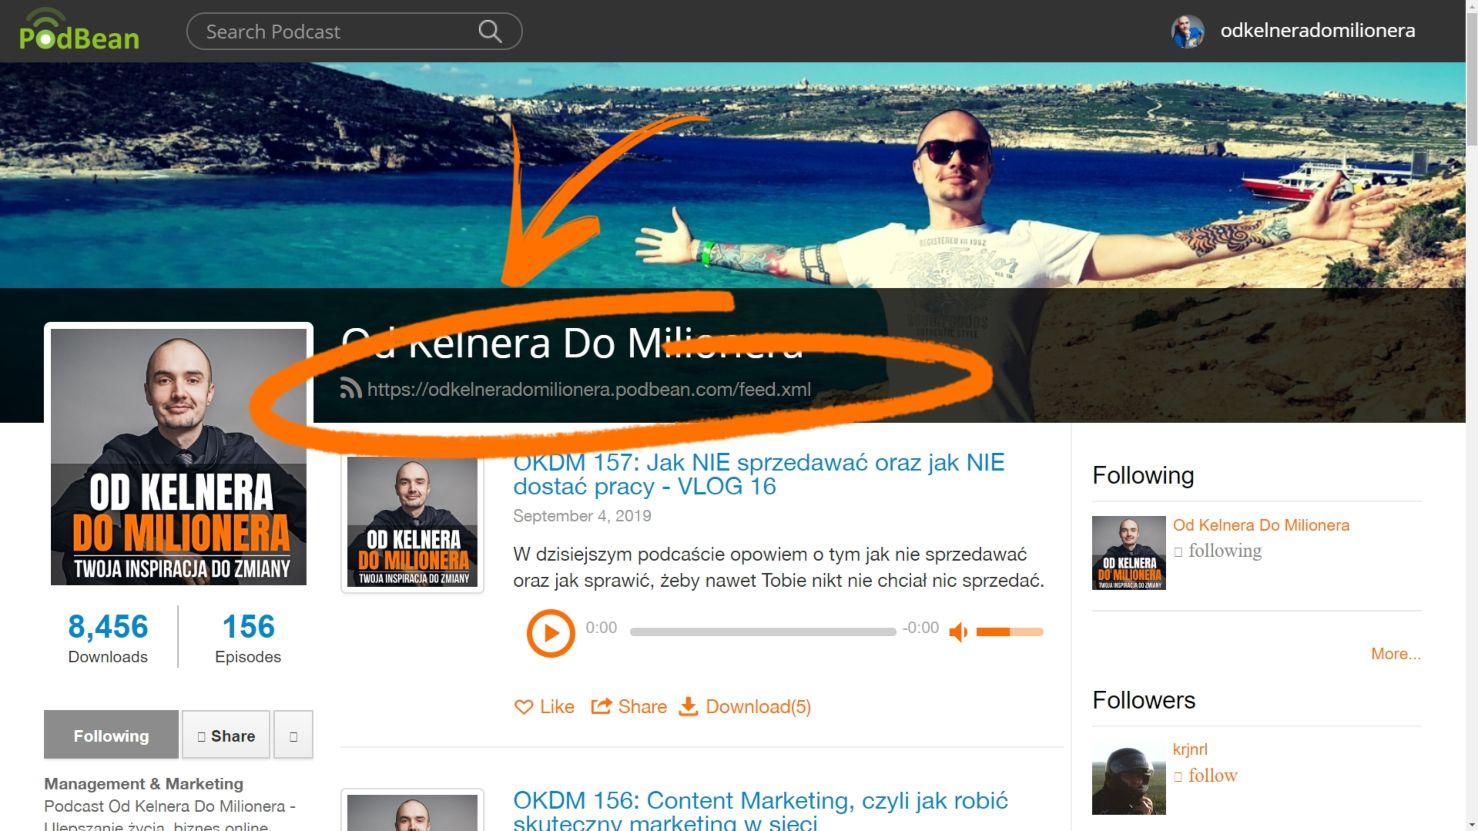 Główny link kanału RSS, który należy umieścić w zewnętrznych serwisach takich jak Spotify, iTunes itd.